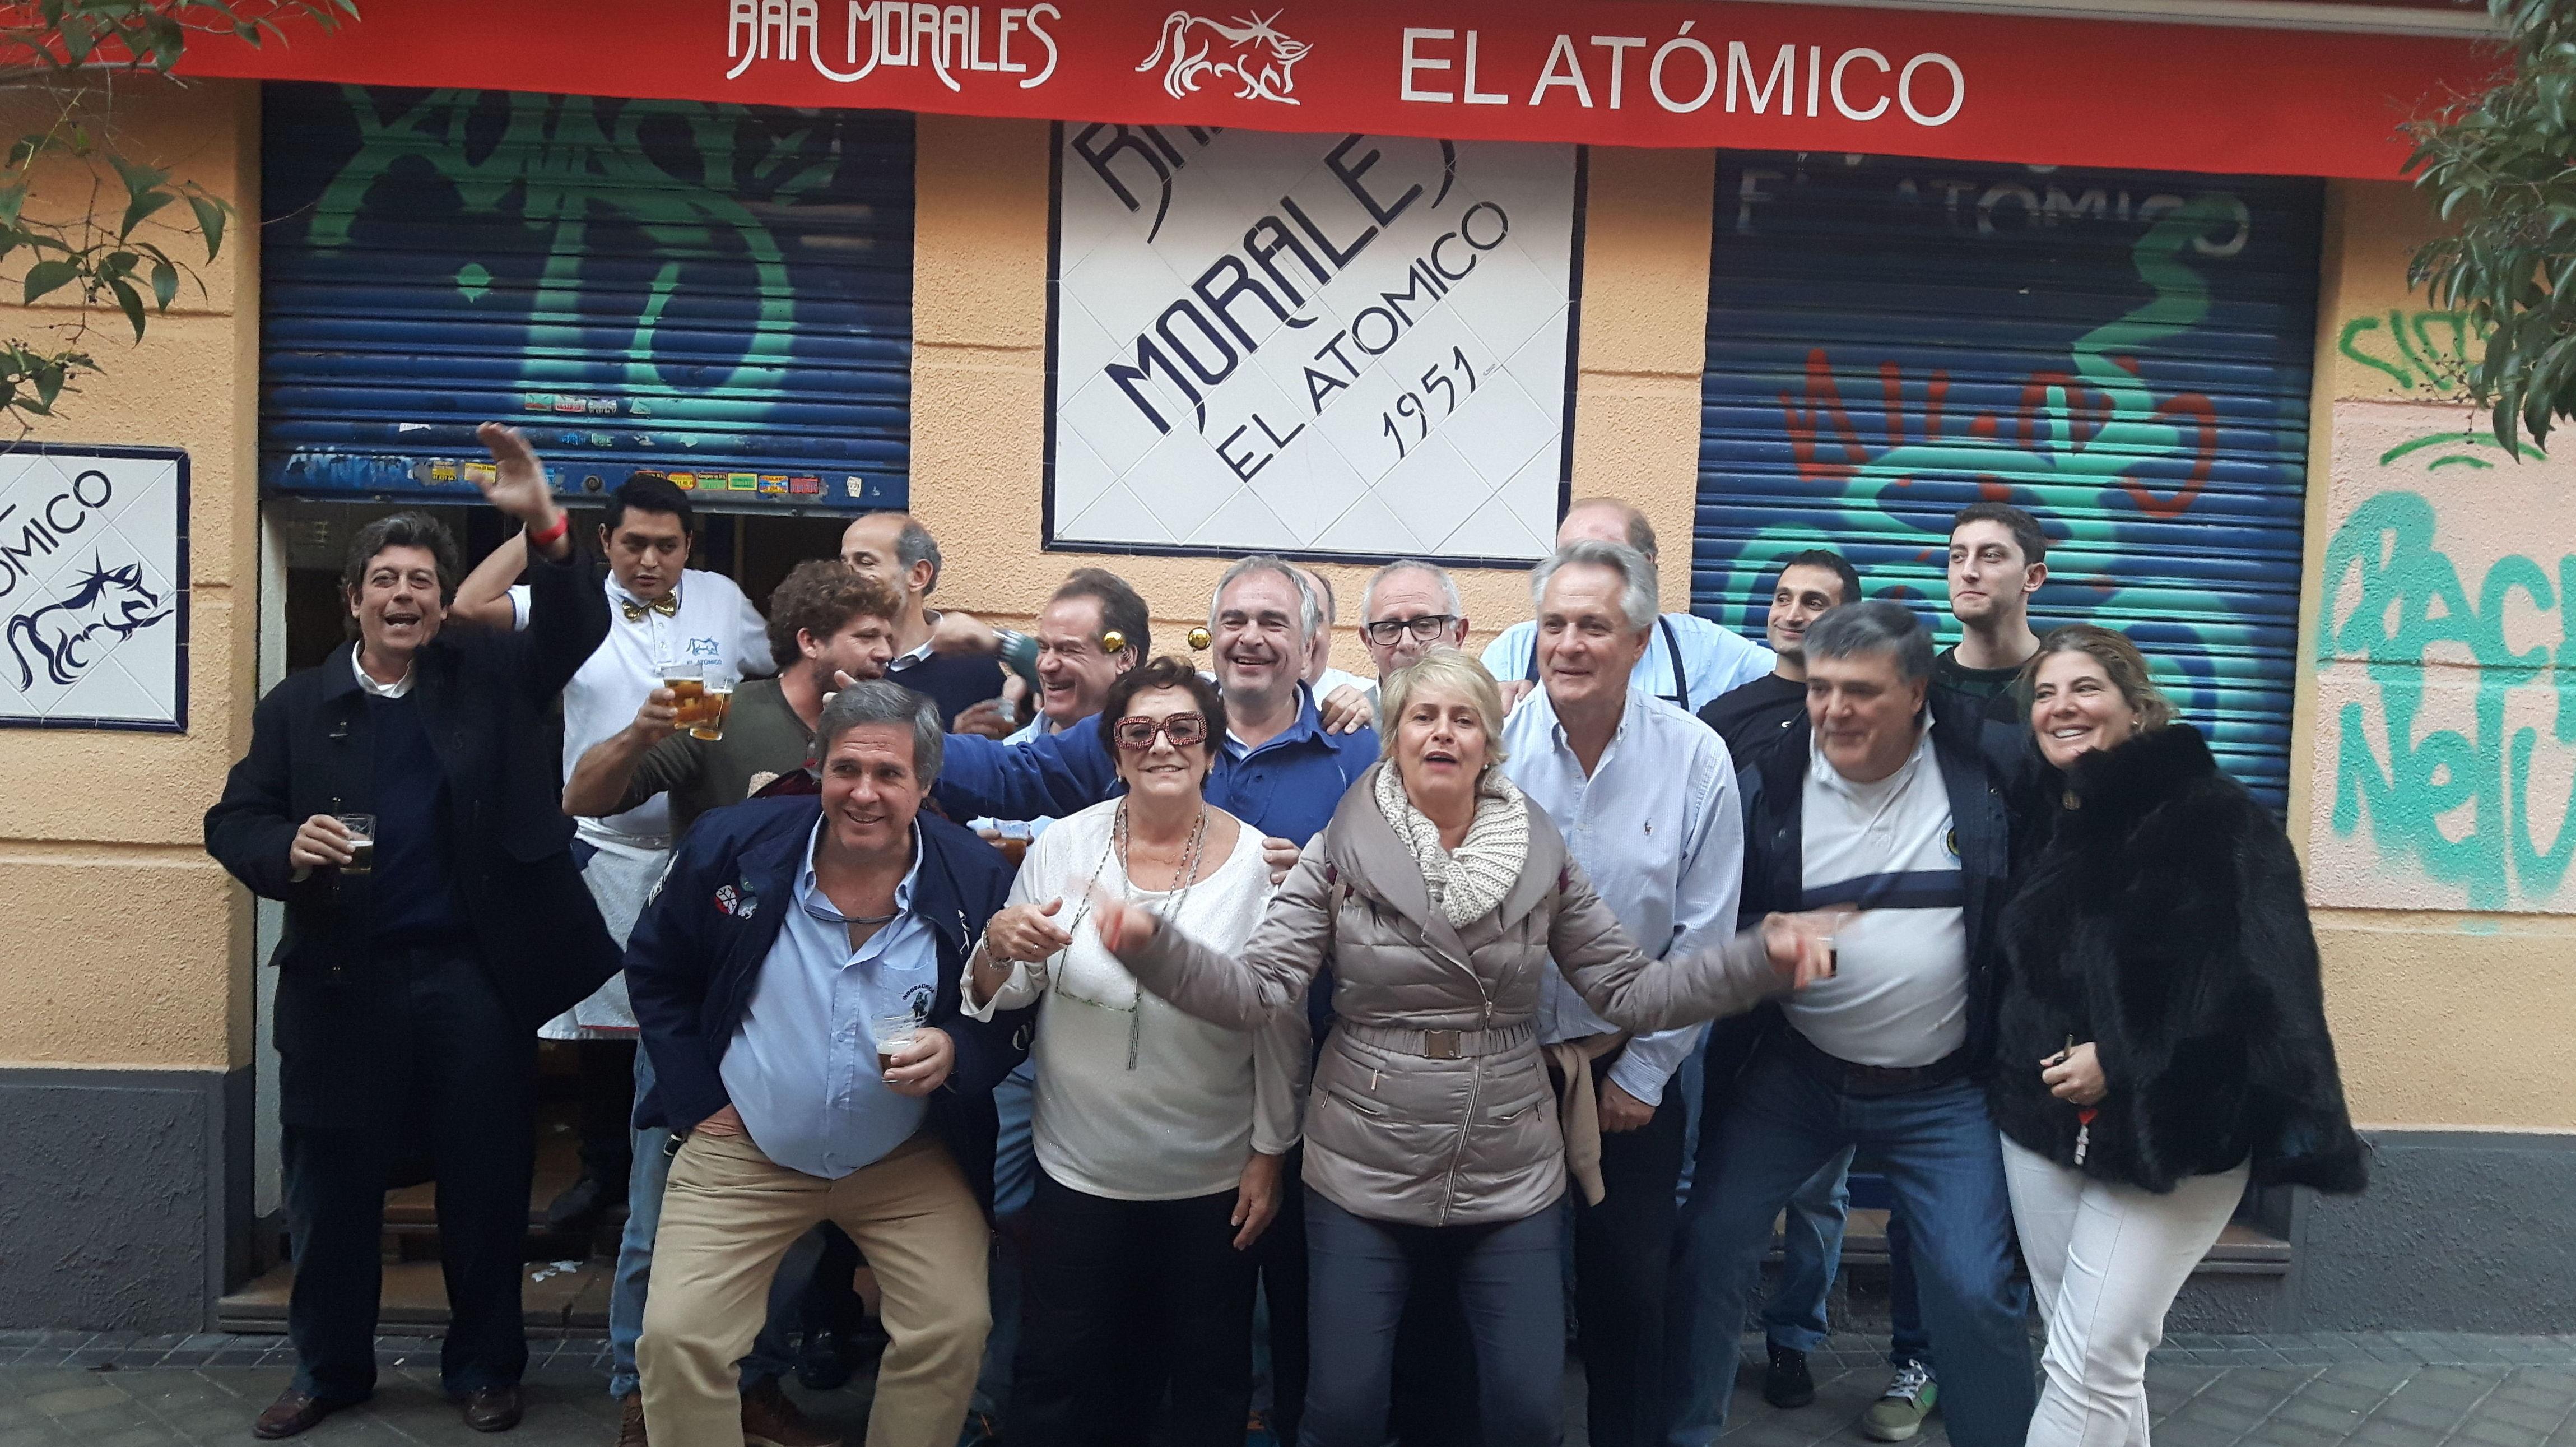 Foto 24 de Bares en Madrid | Bar Morales El Atómico